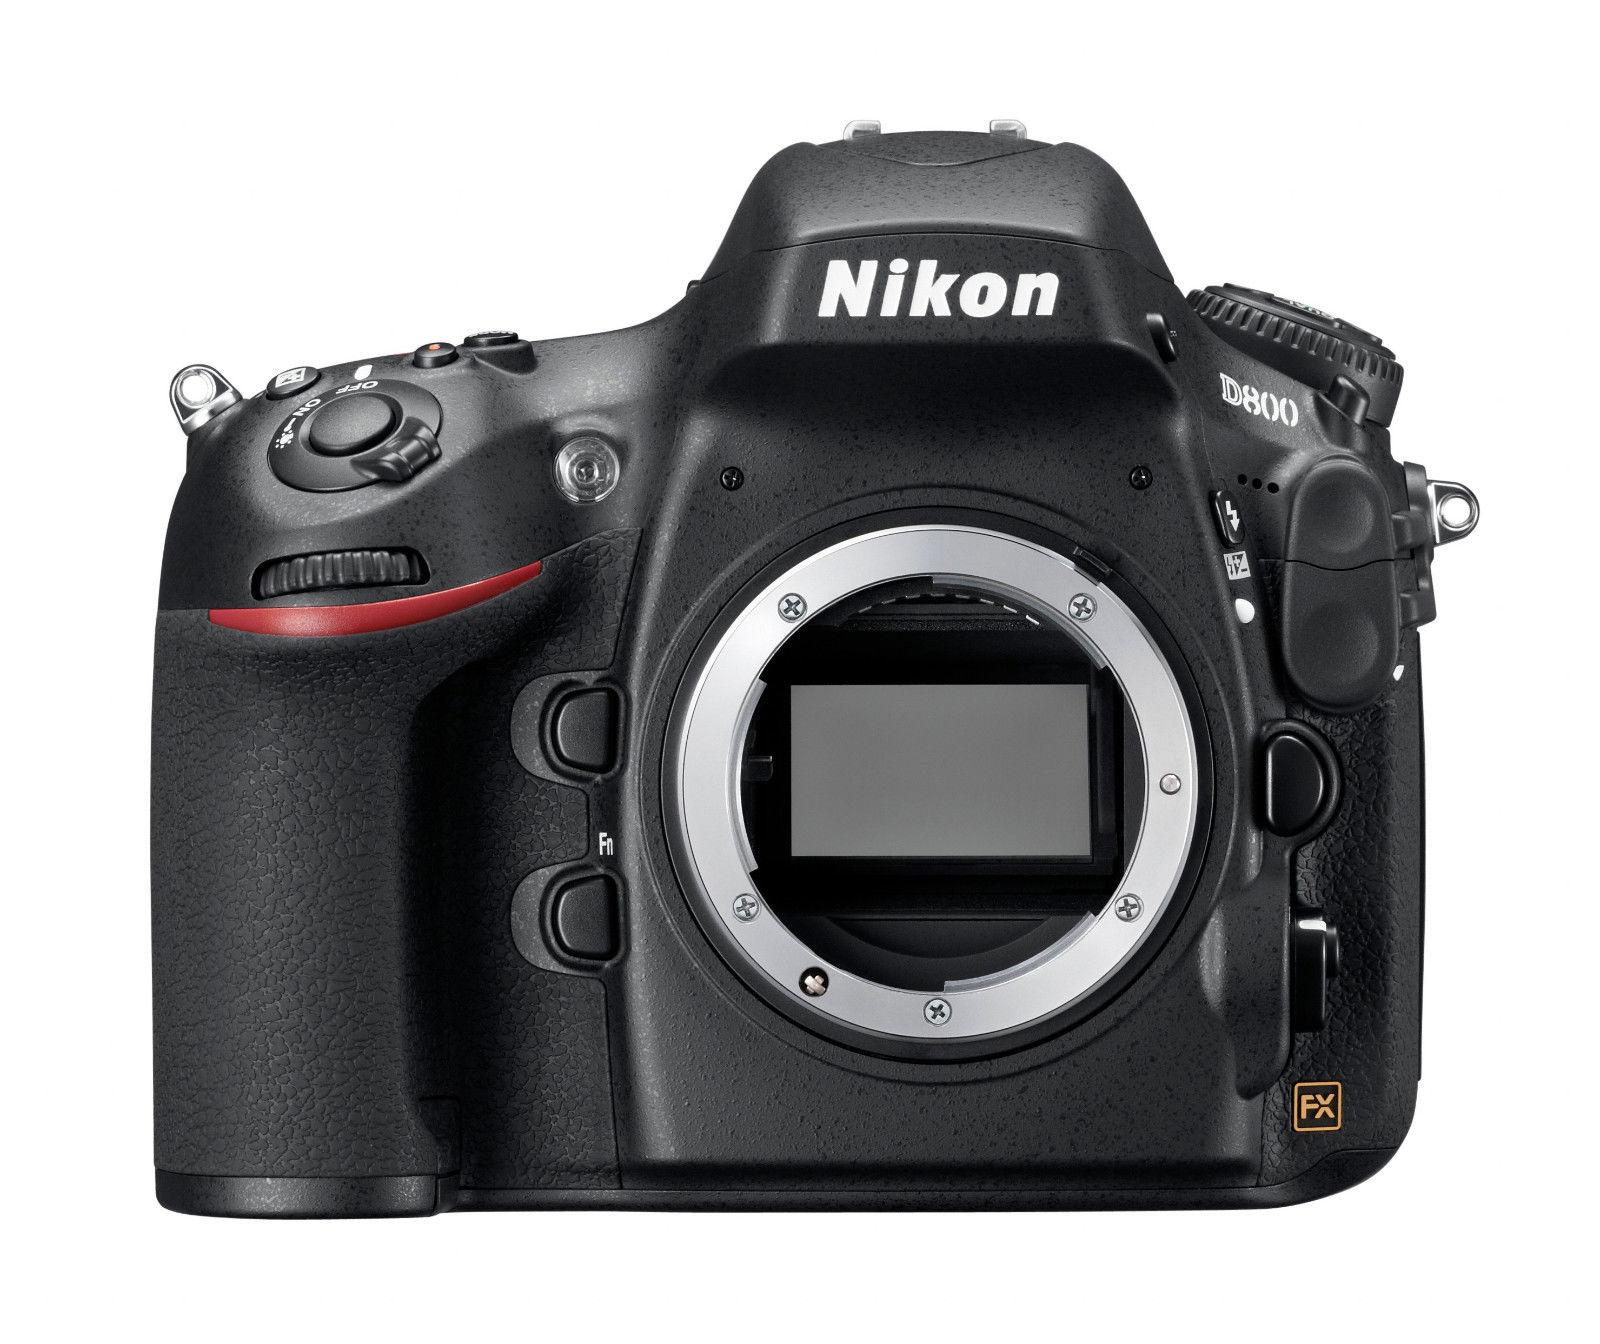 Spiegelreflexkamera Nikon D800 (36.3 MP) DSLR, GEHÄUSE, GEBRAUCHTWARE